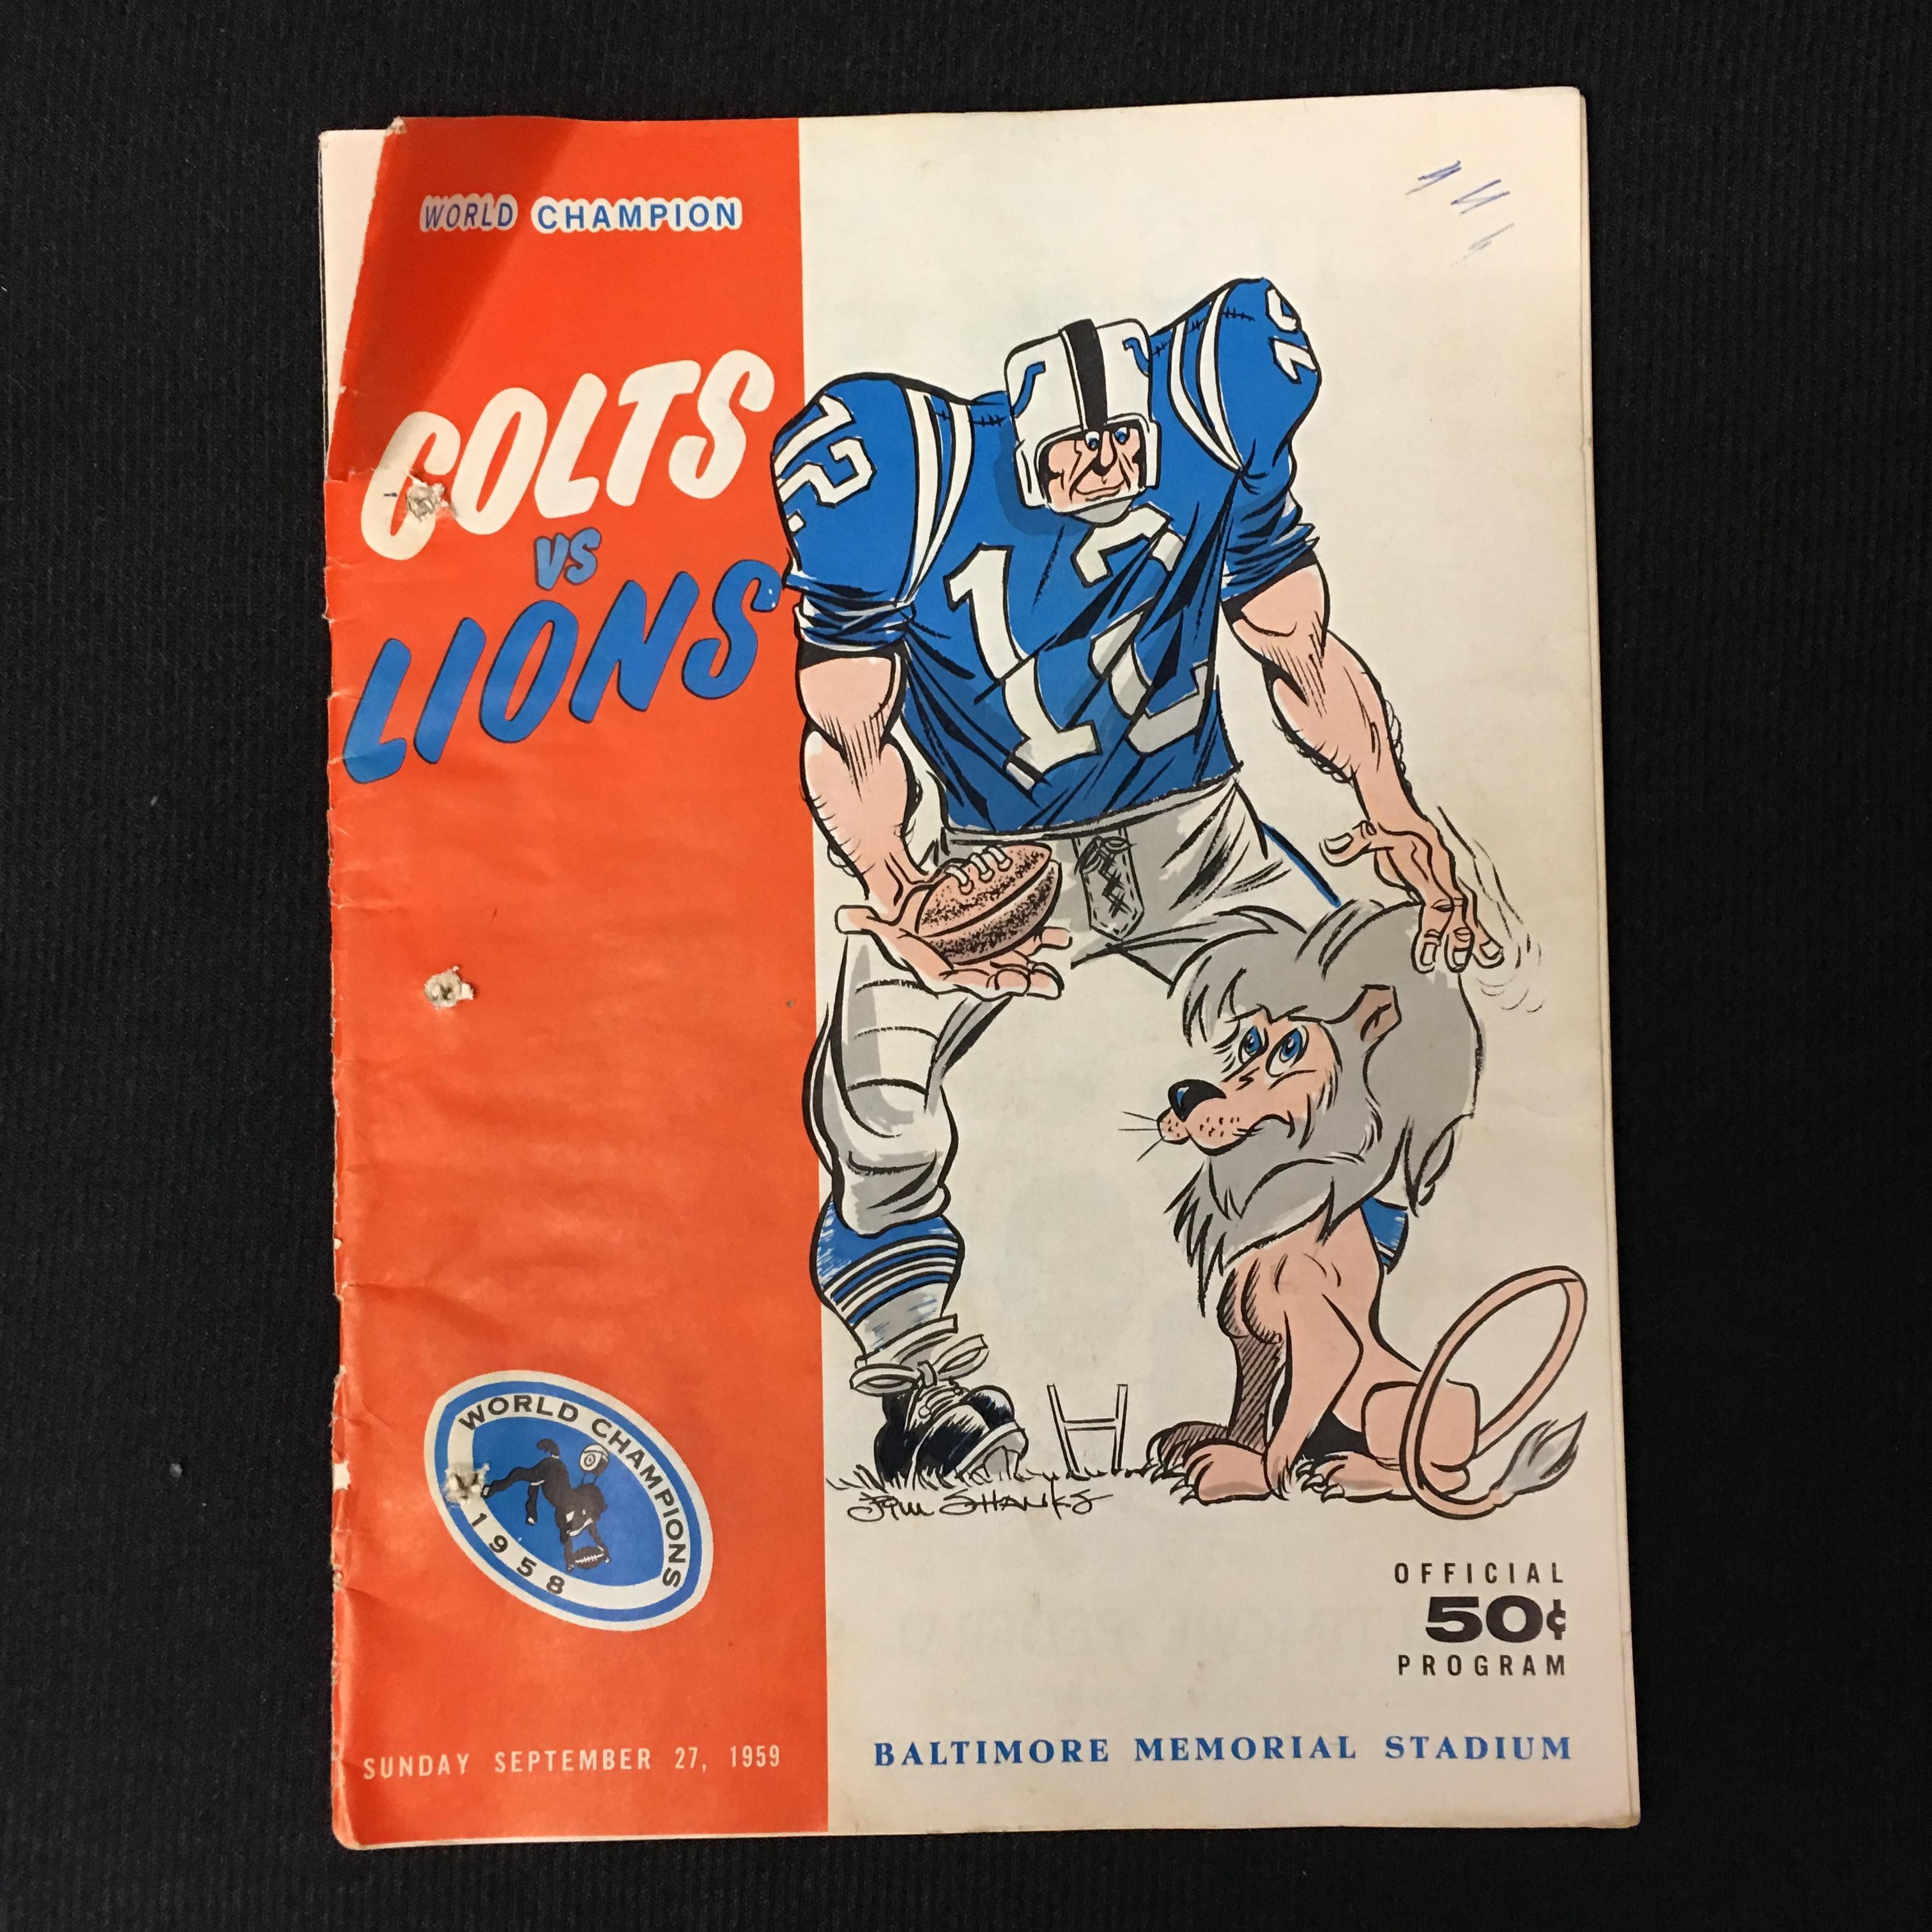 1959 Colts Vs. Lions program